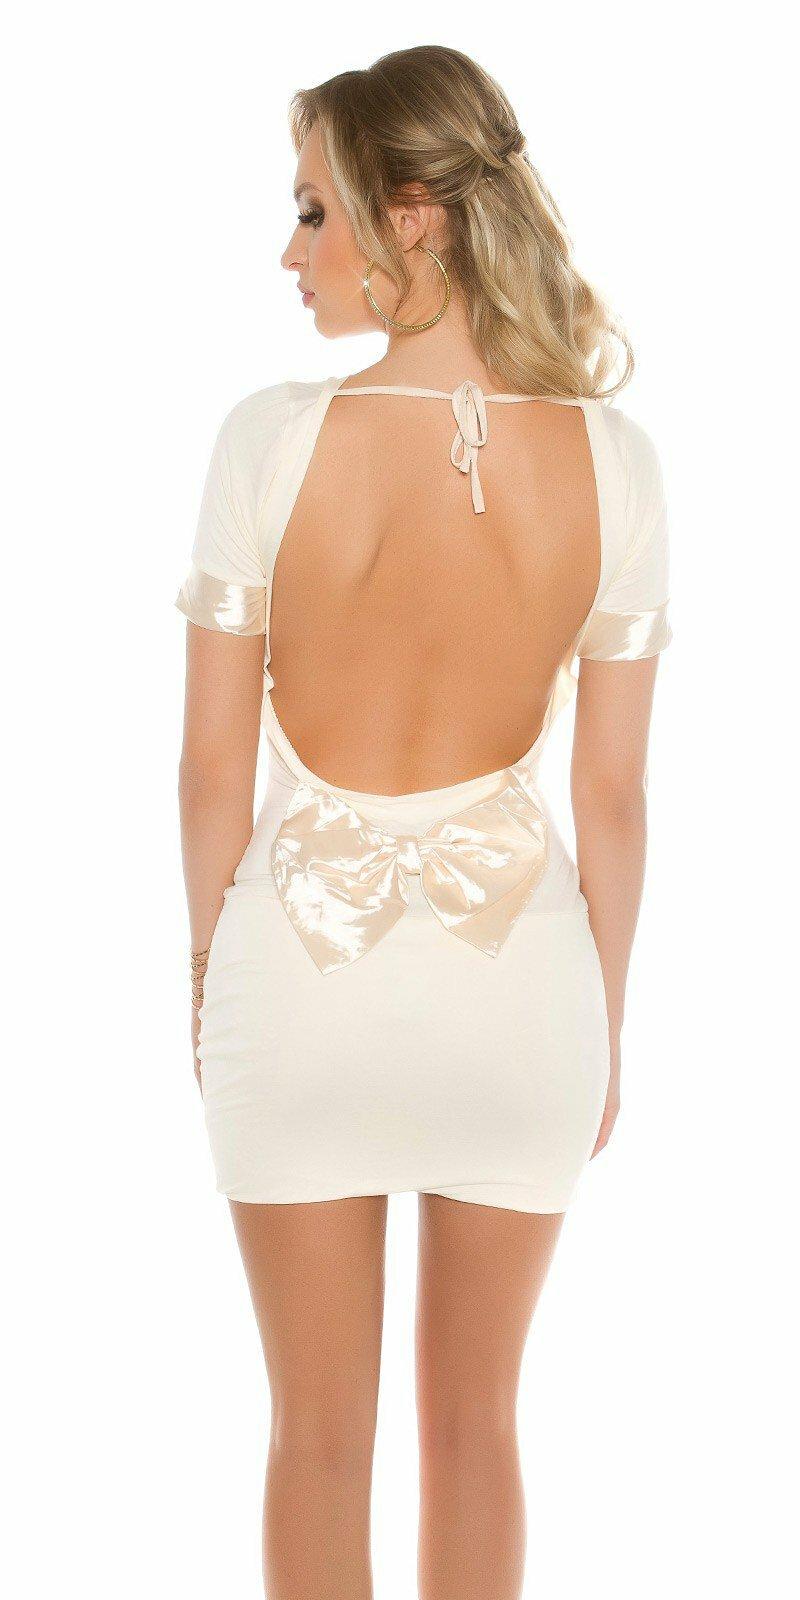 74ac38bb7ce0 Dámske mini šaty s mašľou  Veľkosť Univerzálna (XS S M) Farba Béžová